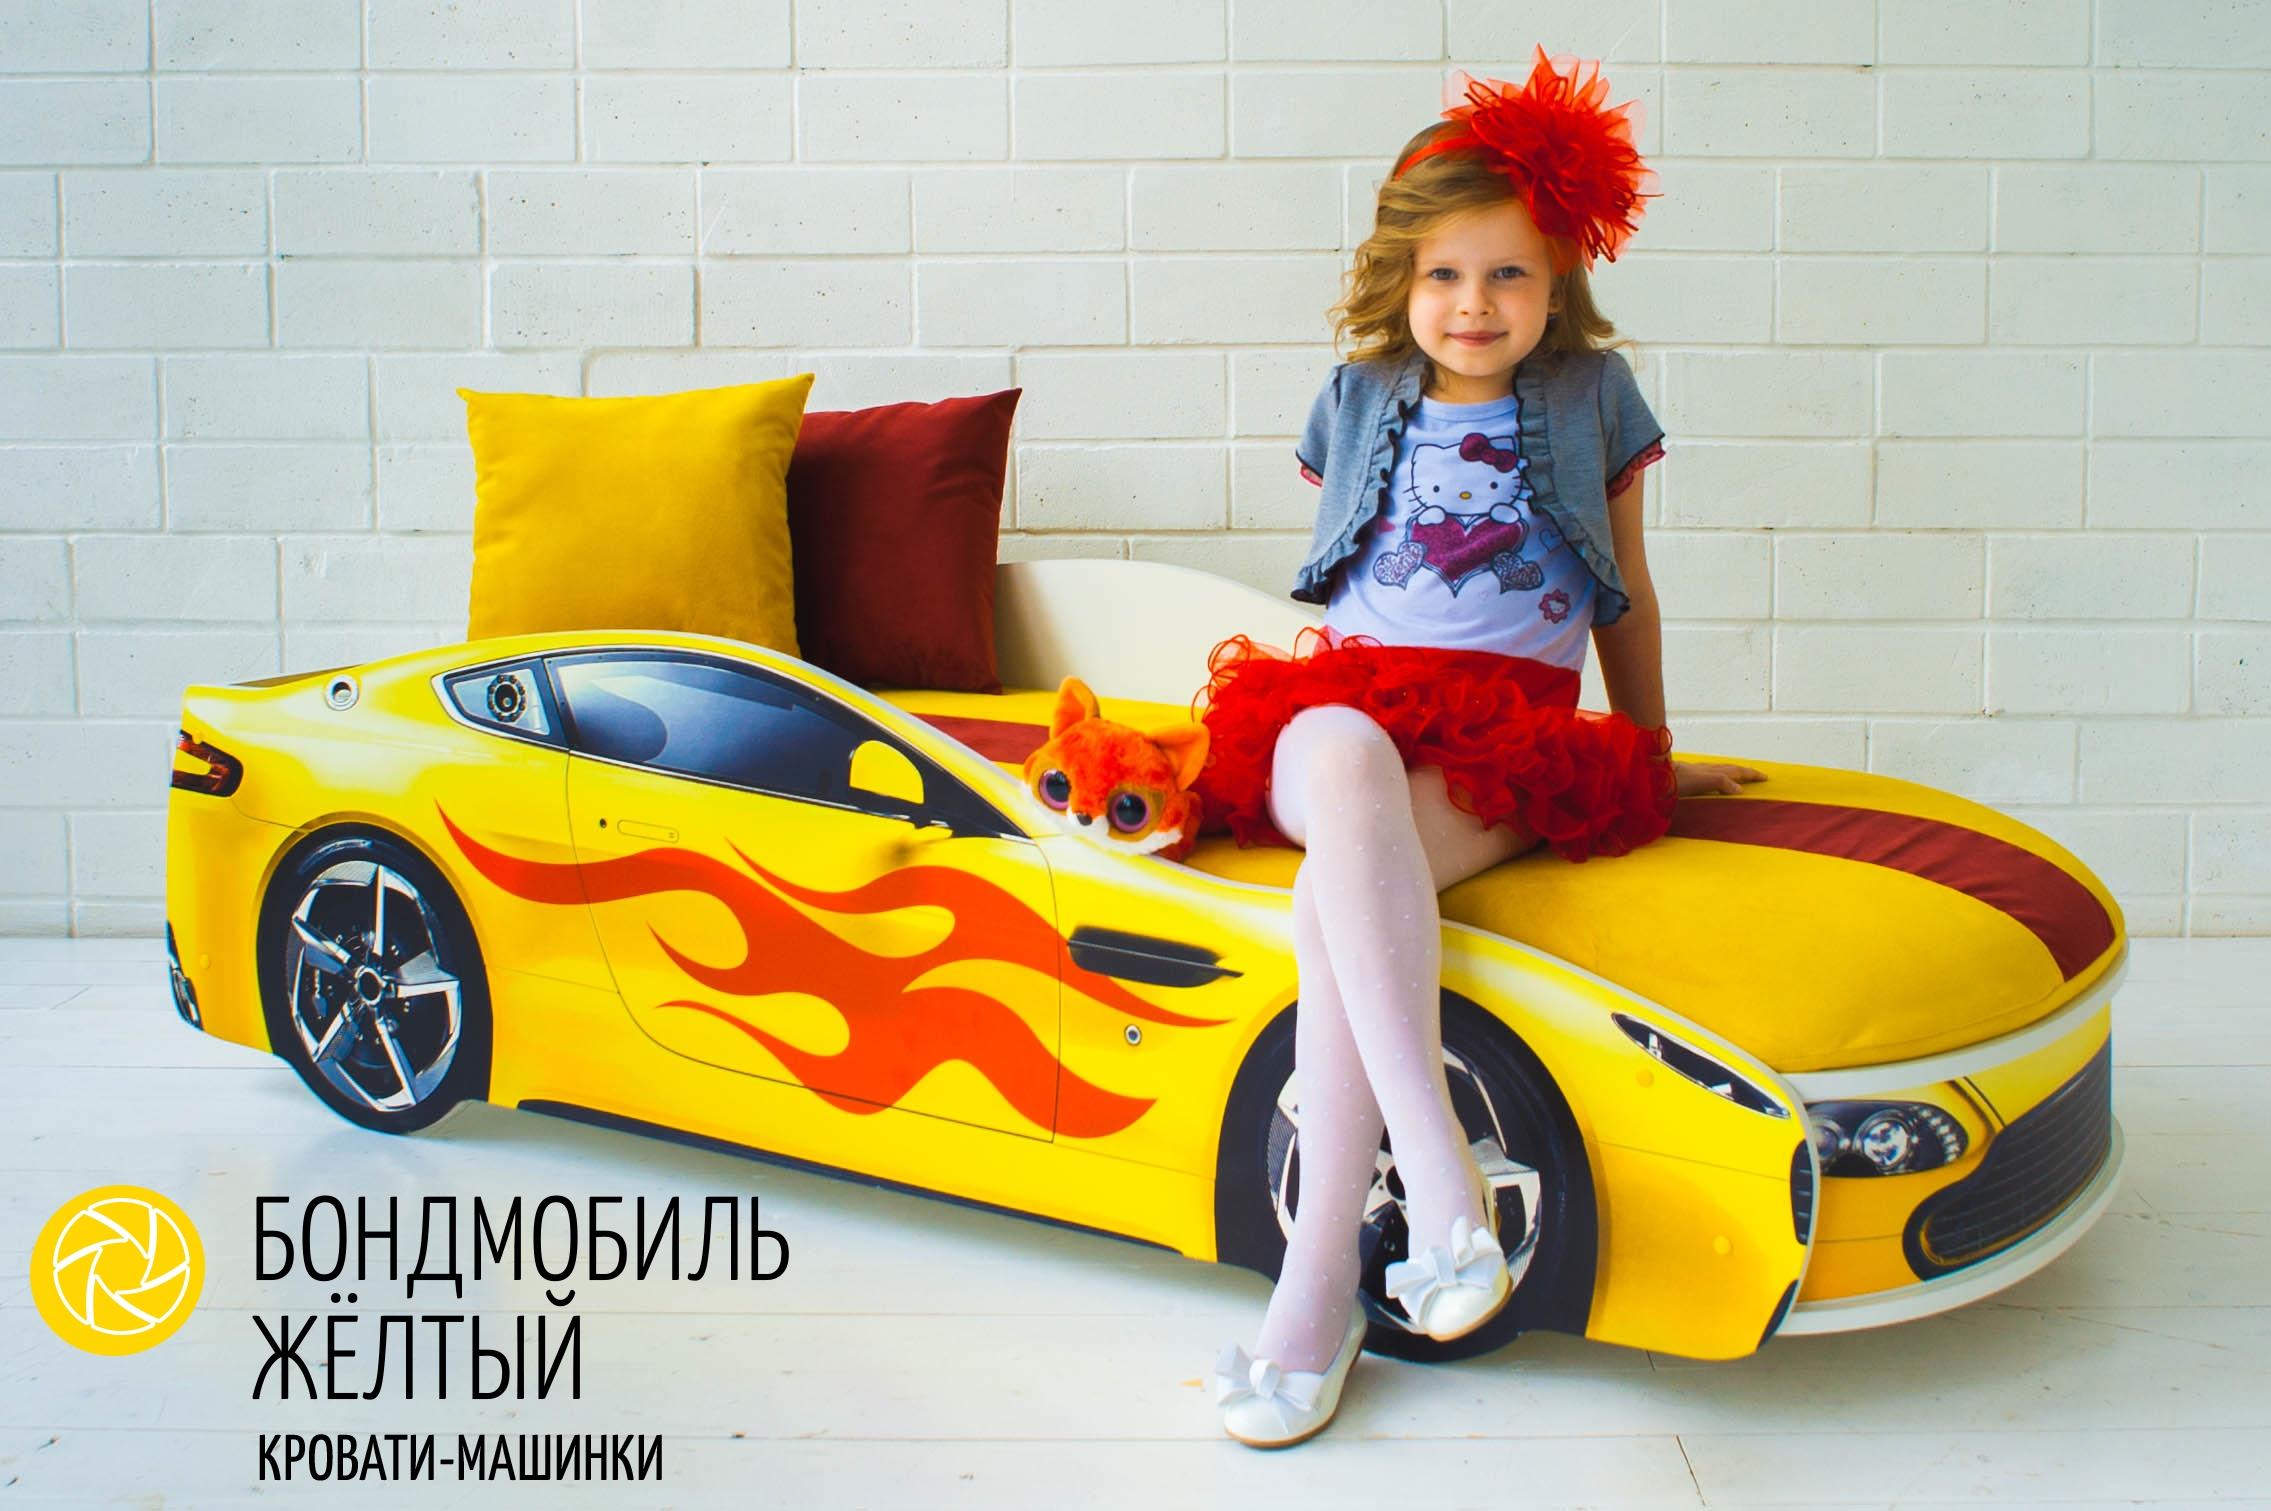 Детская кровать-машина желтый -Бондмобиль-6